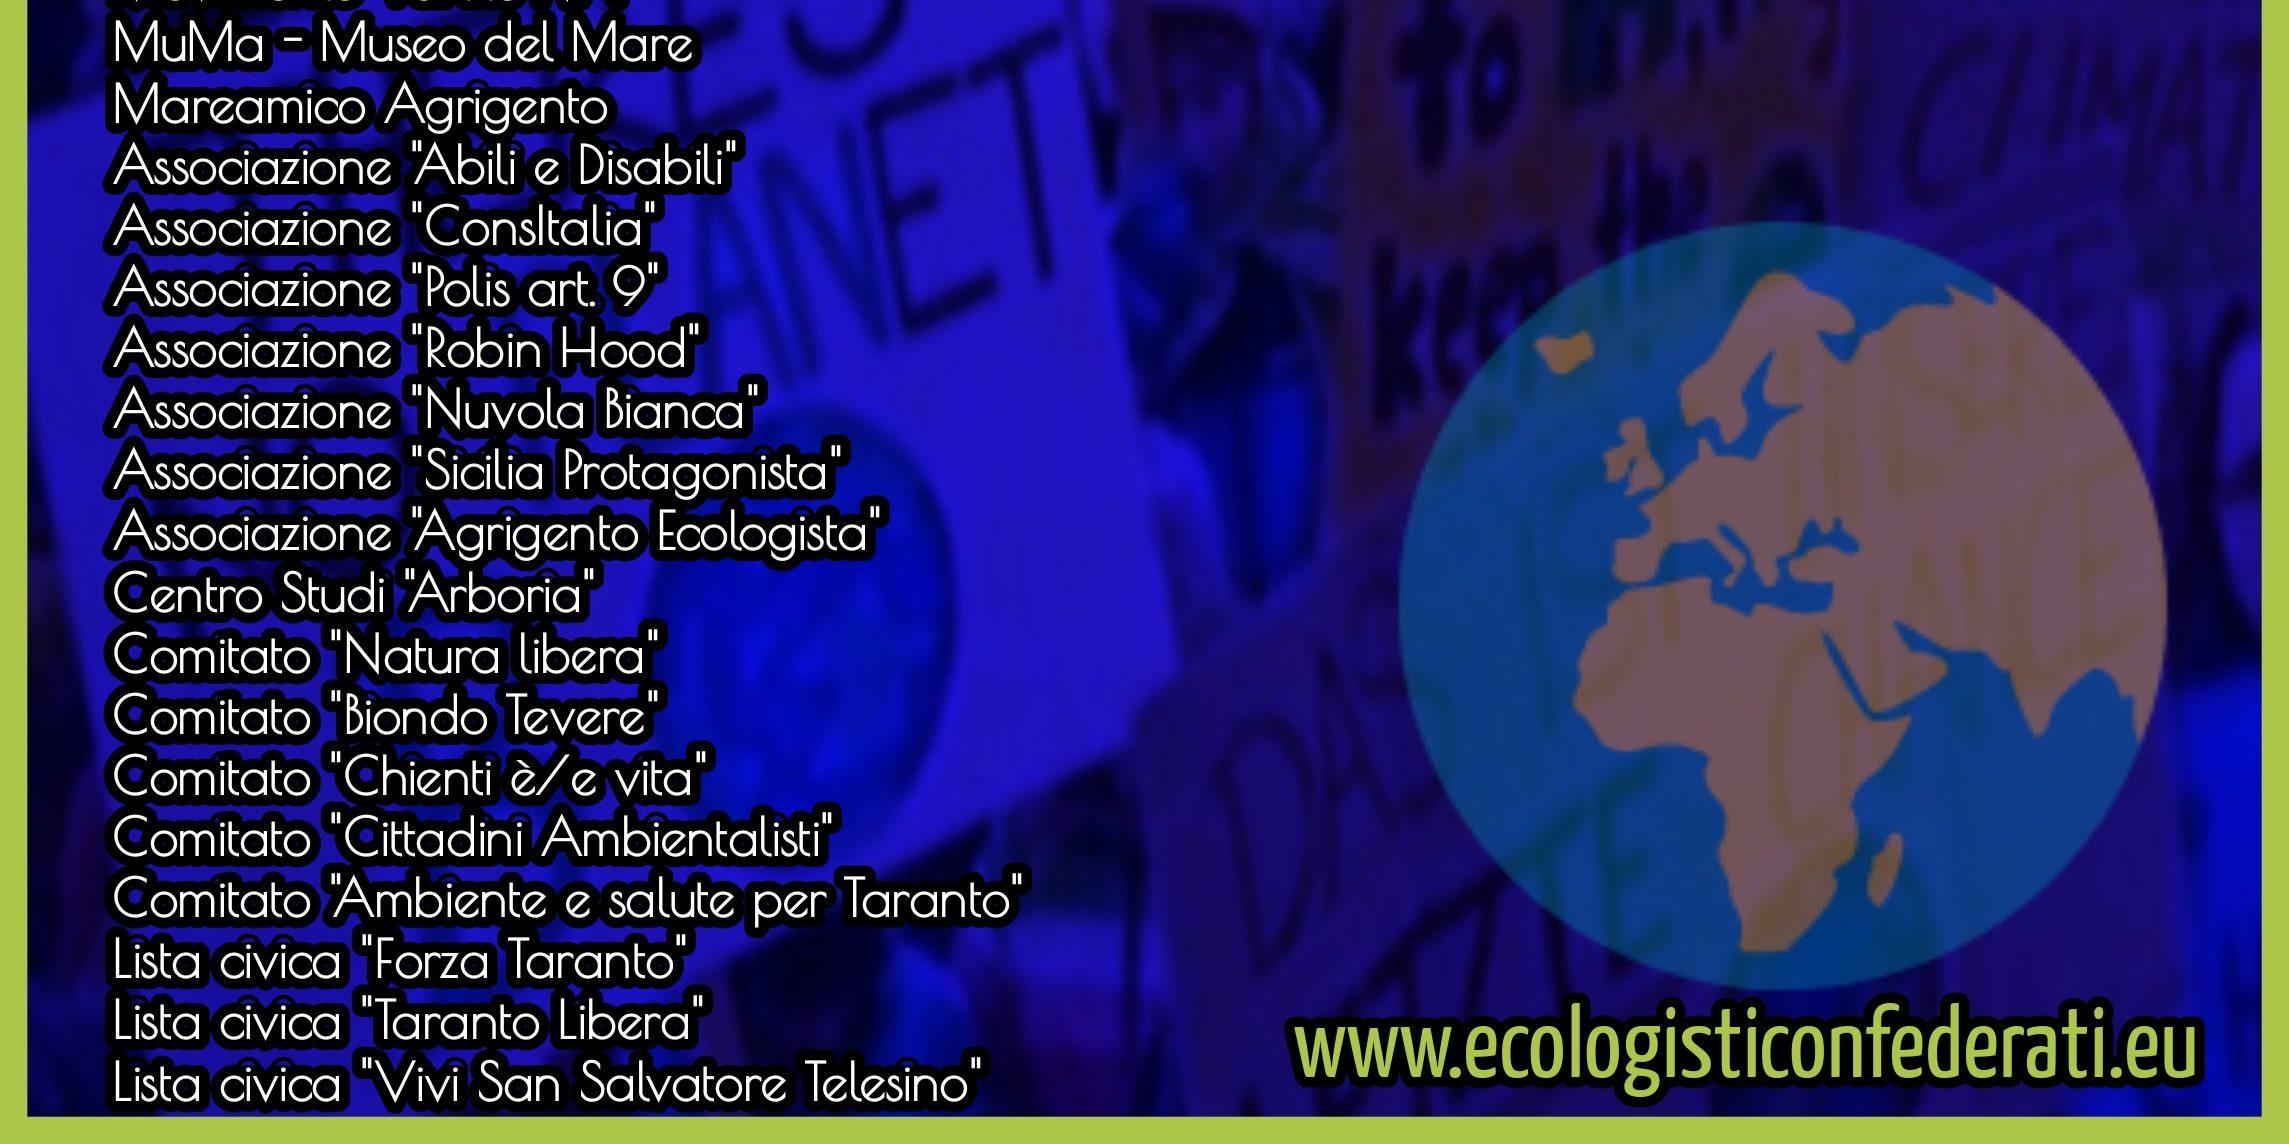 La Confederazione Ecologista sale a 30 Movimenti